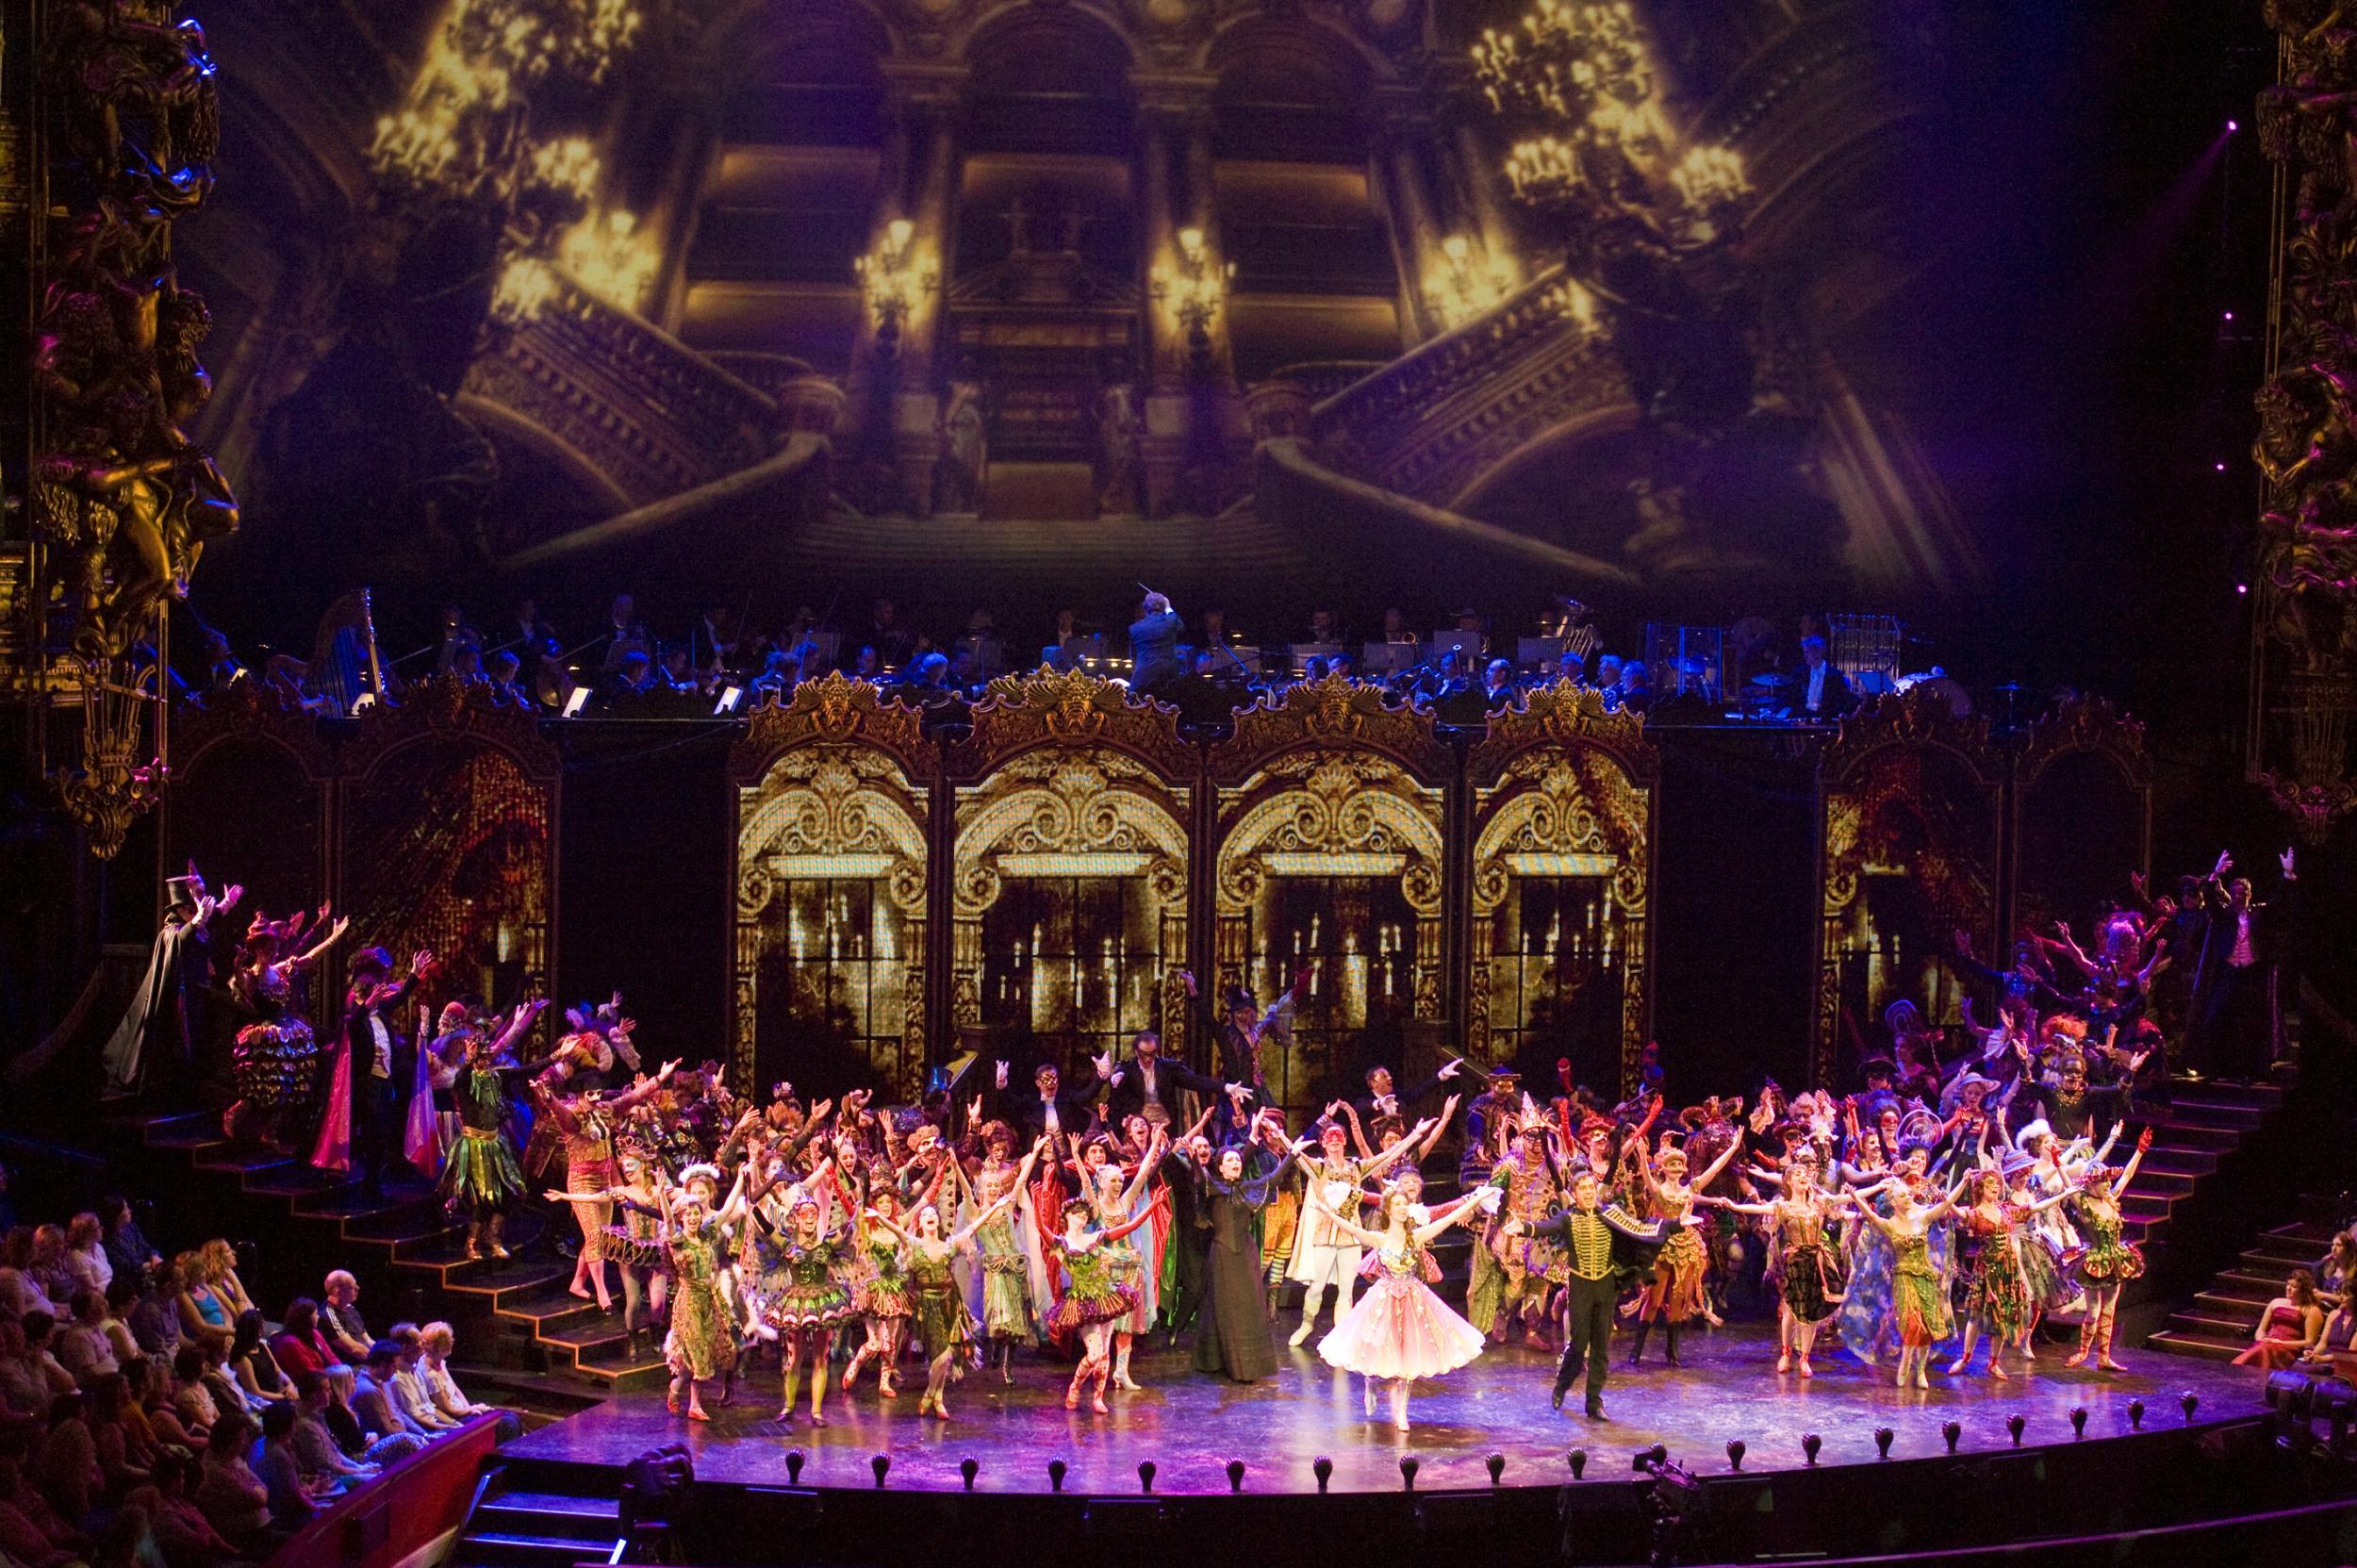 Vở nhạc kịch The Phantom of the Opera phát sóng miễn phí trên kênh Youtube - 2